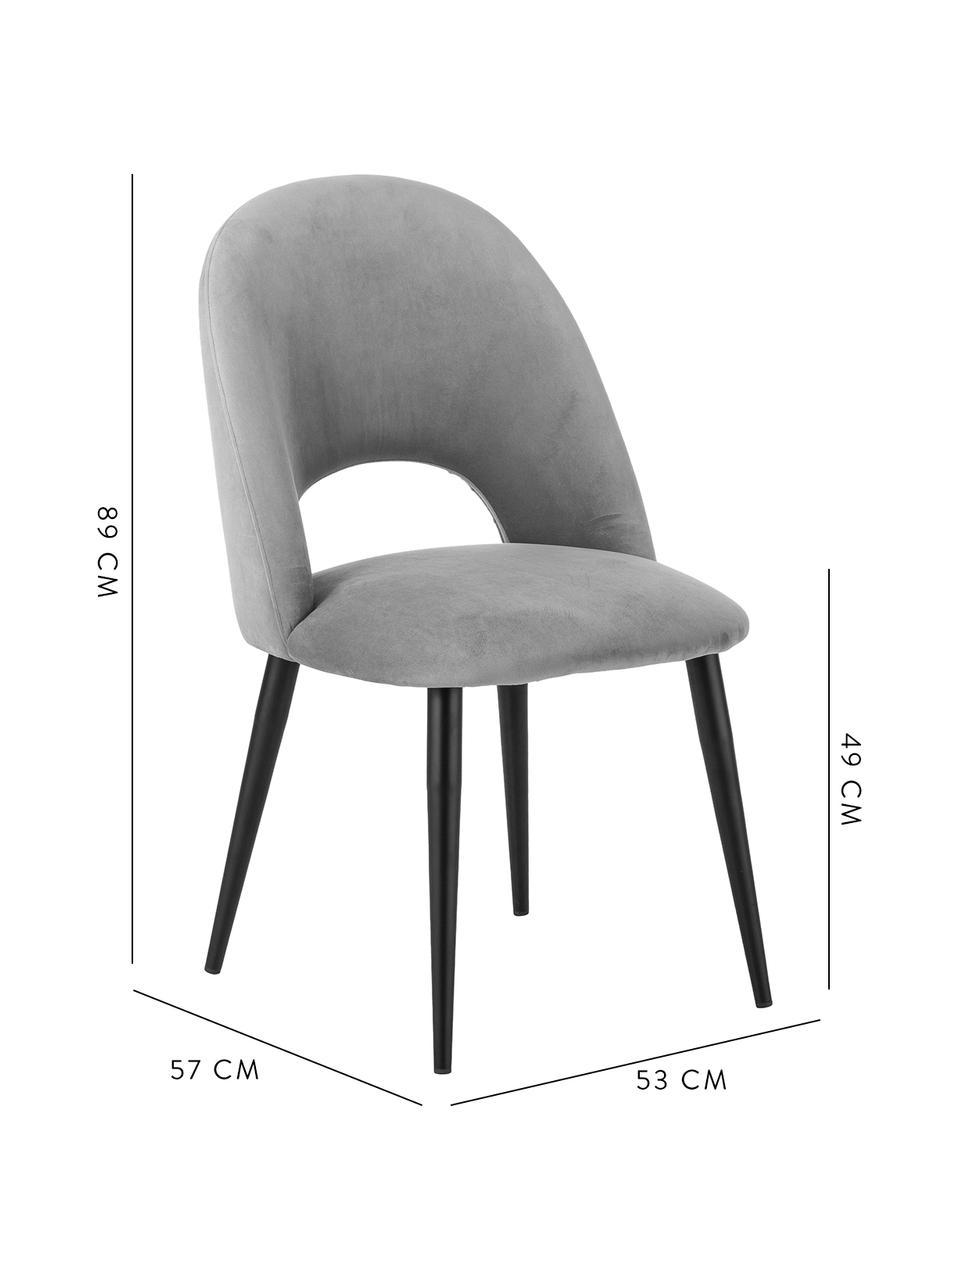 Sedia imbottita in velluto grigio Rachel, Rivestimento: velluto (rivestimento in , Gambe: metallo verniciato a polv, Velluto grigio, Larg. 53 x Prof. 57 cm